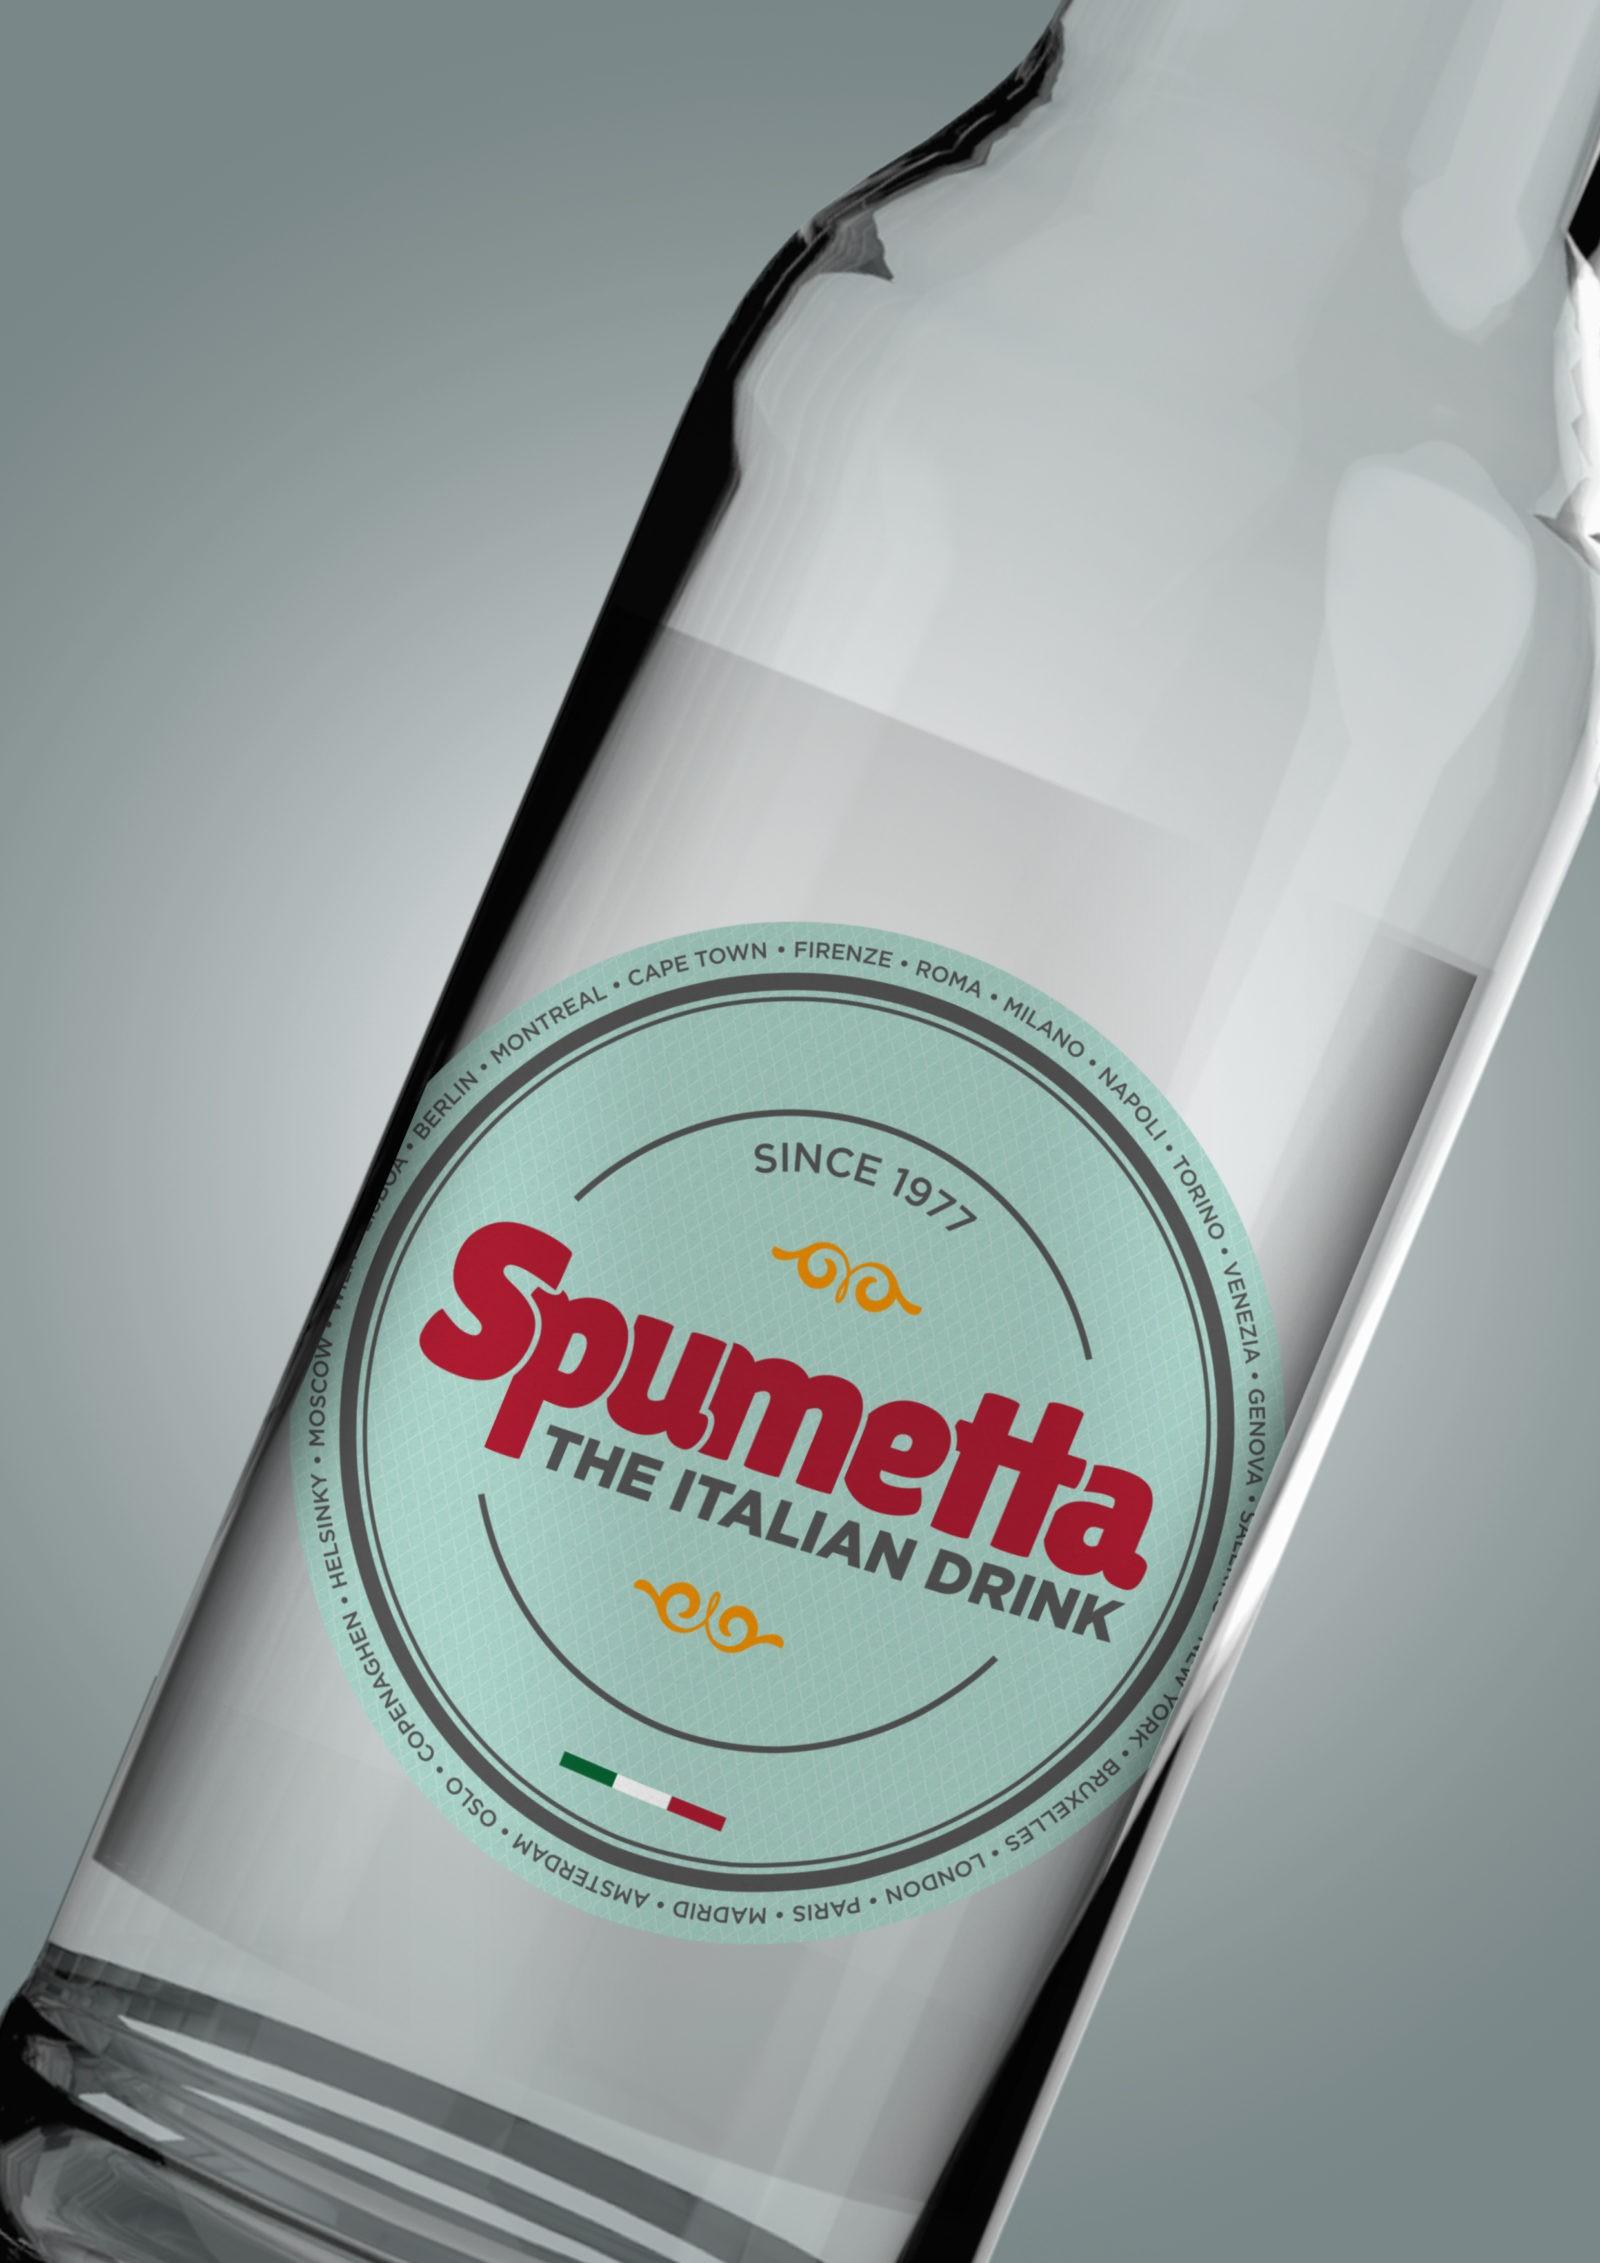 Spumetta label